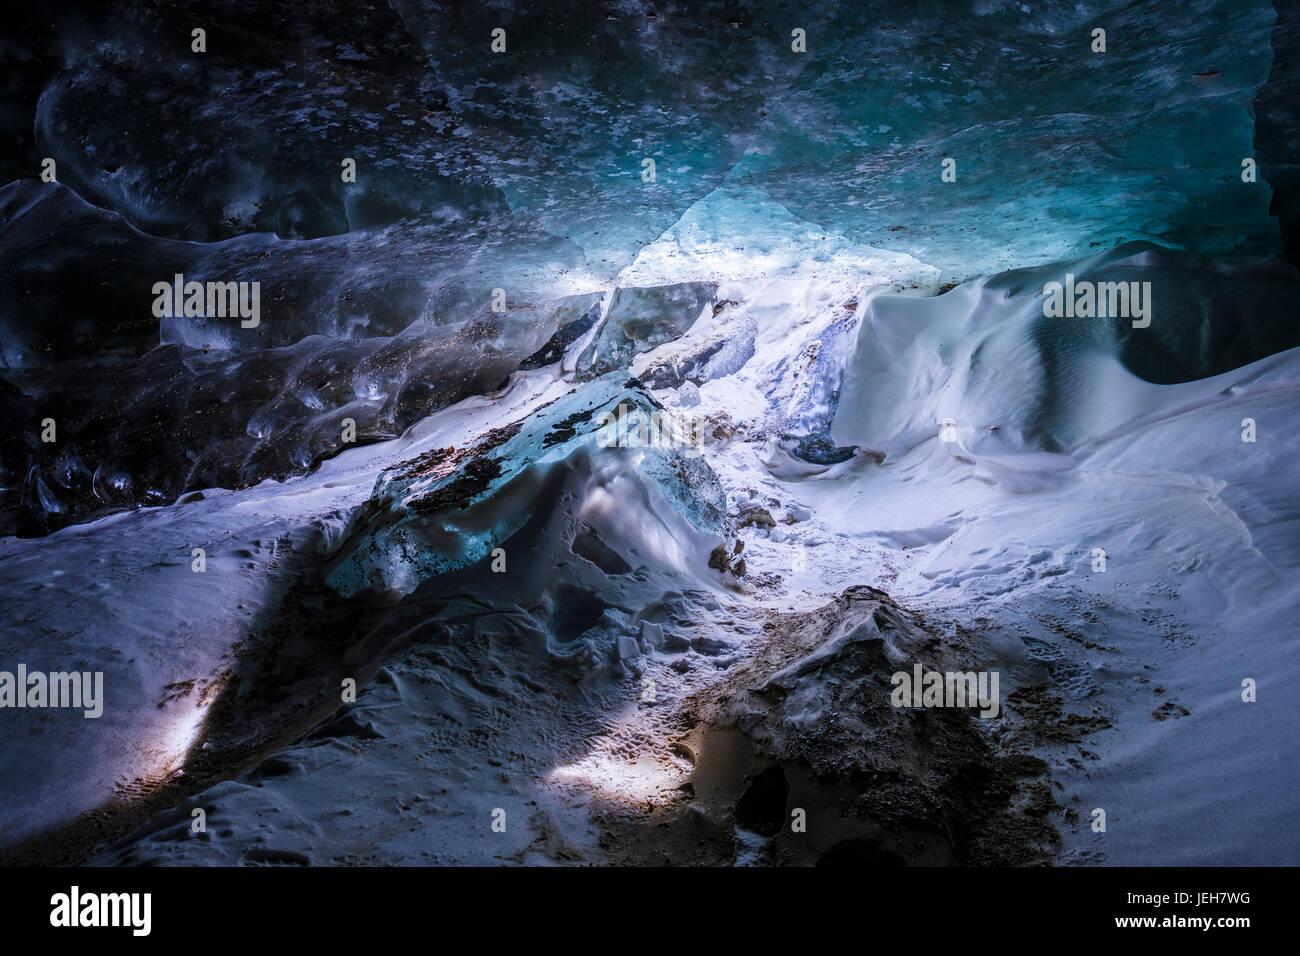 Étrange lumière brille sur le sol d'une grotte sous la glace du glacier Castner dans l'Alaska Photo Stock